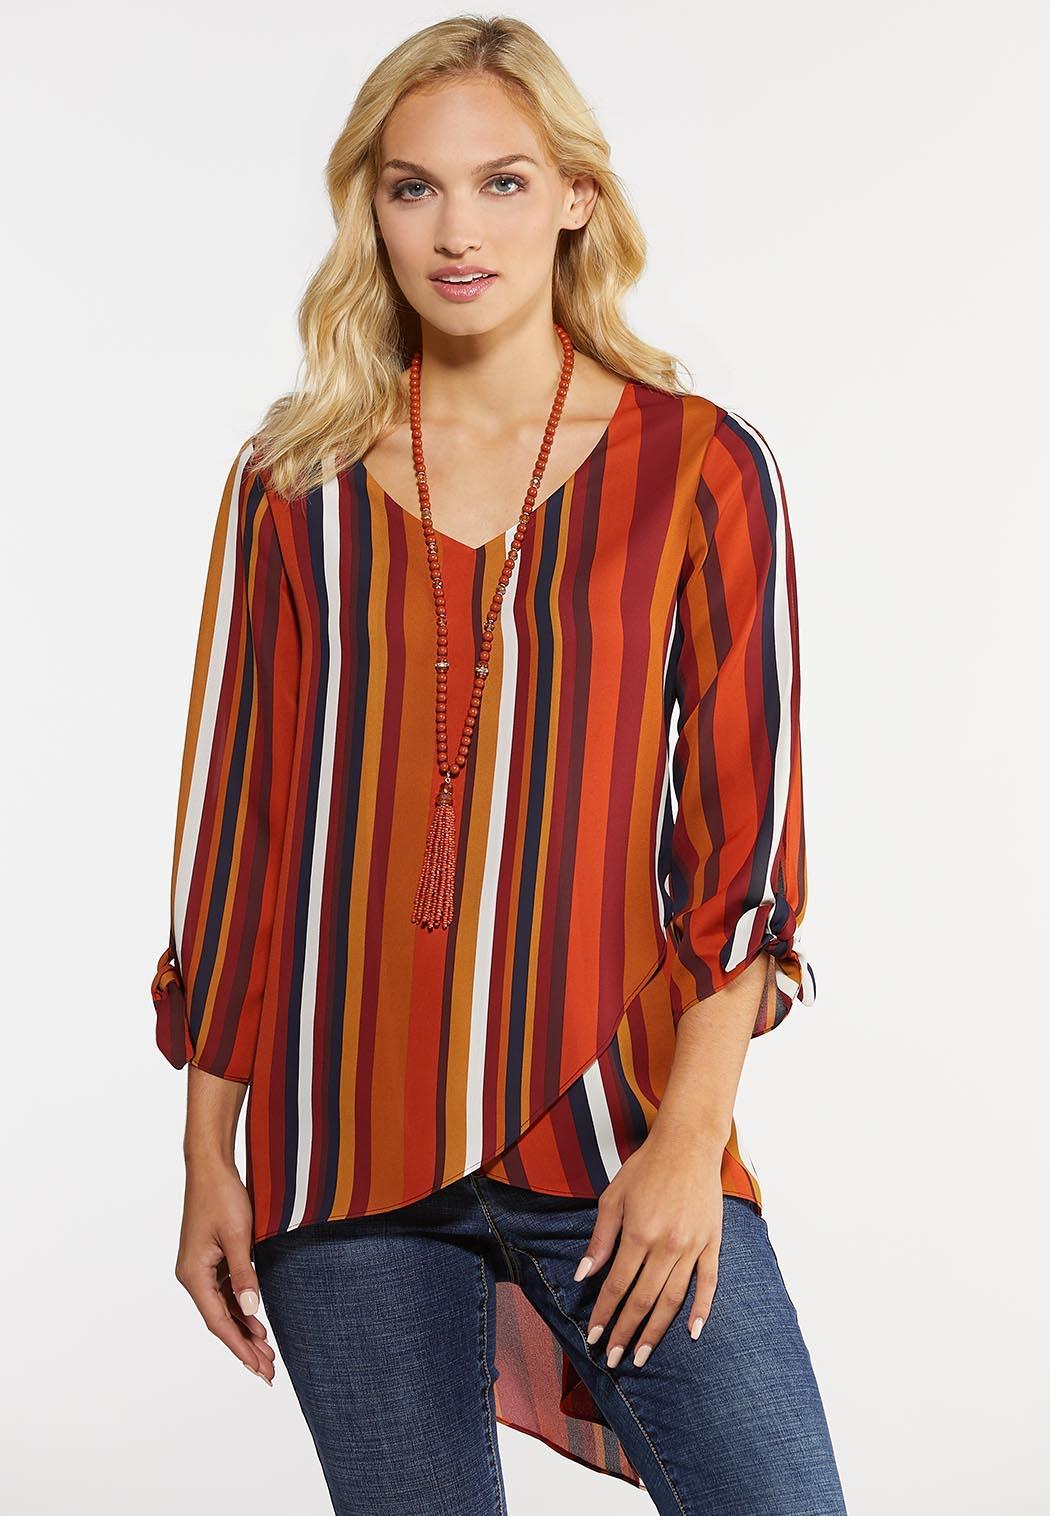 Plus Size Striped Asymmetrical Top